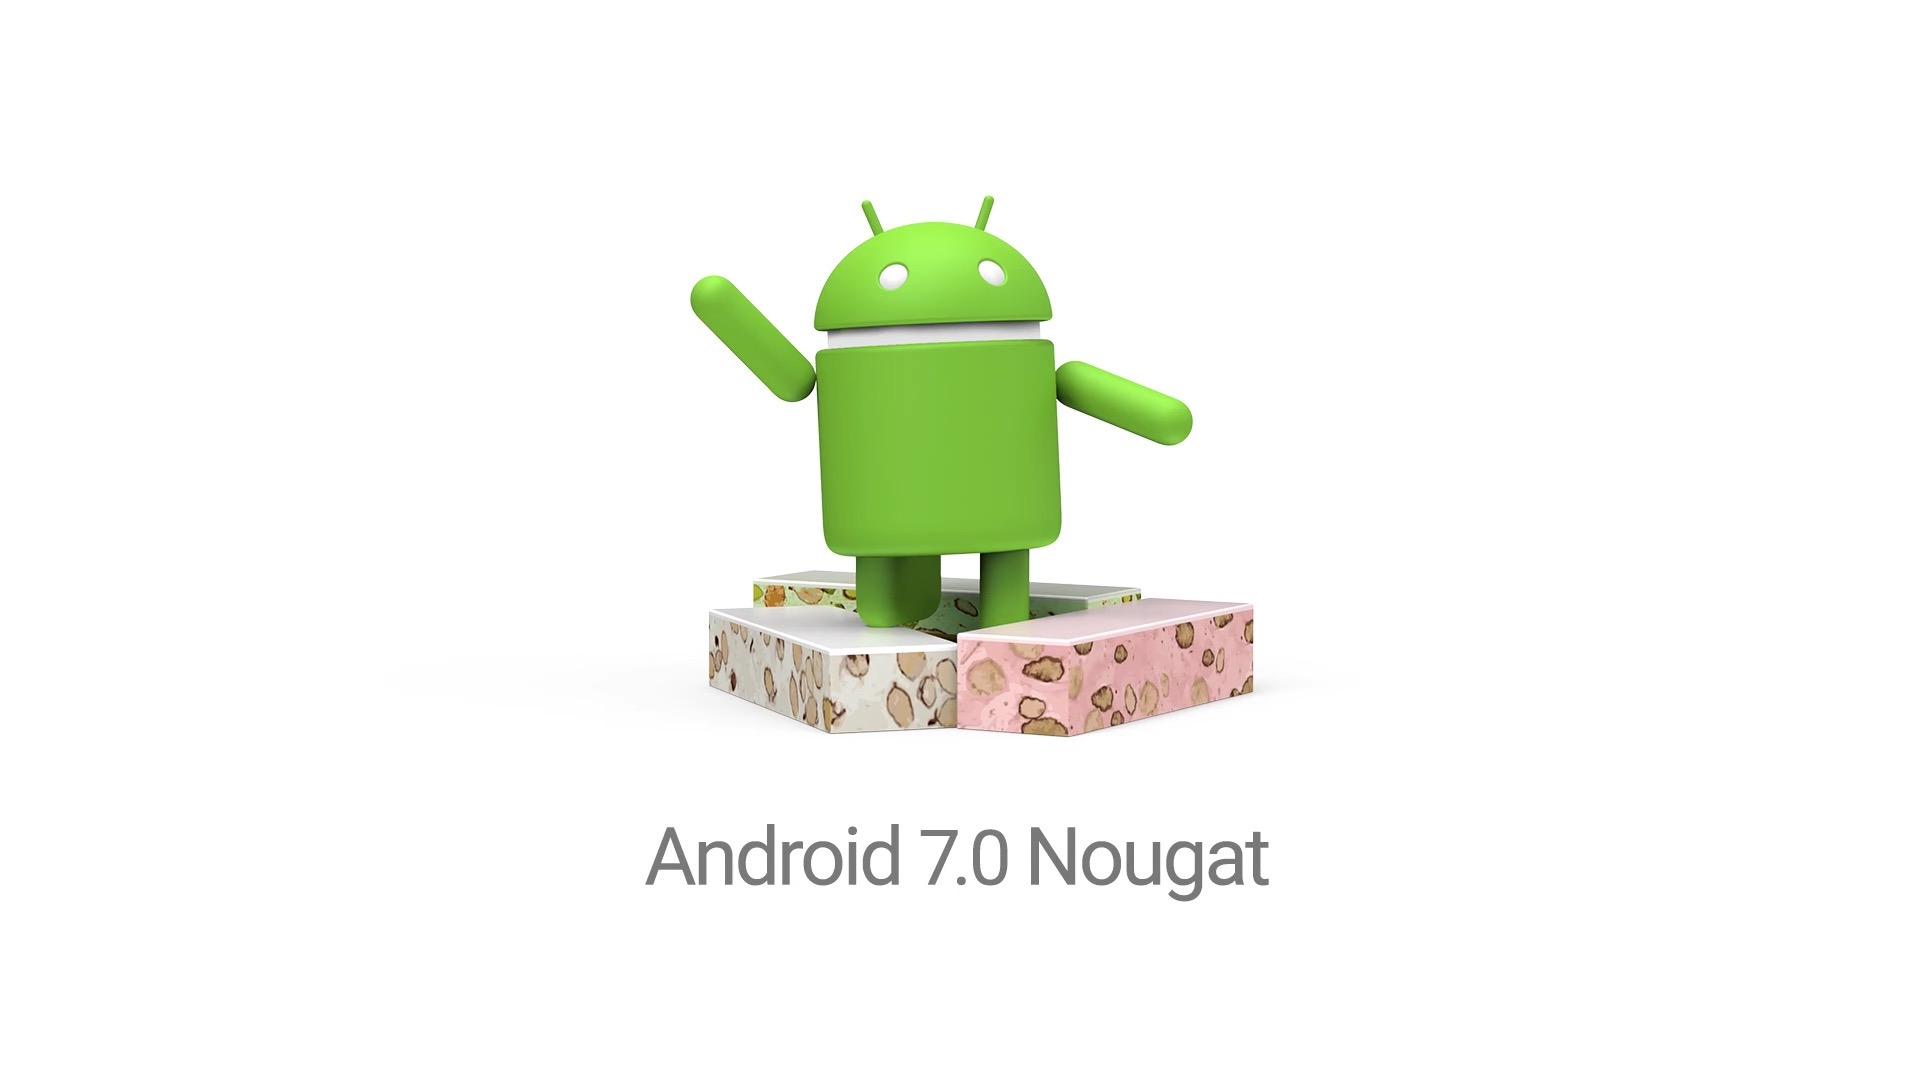 ドコモ、Xperia XZ / X PerformanceにAndroid 7.0 Nougatのアップデート配信